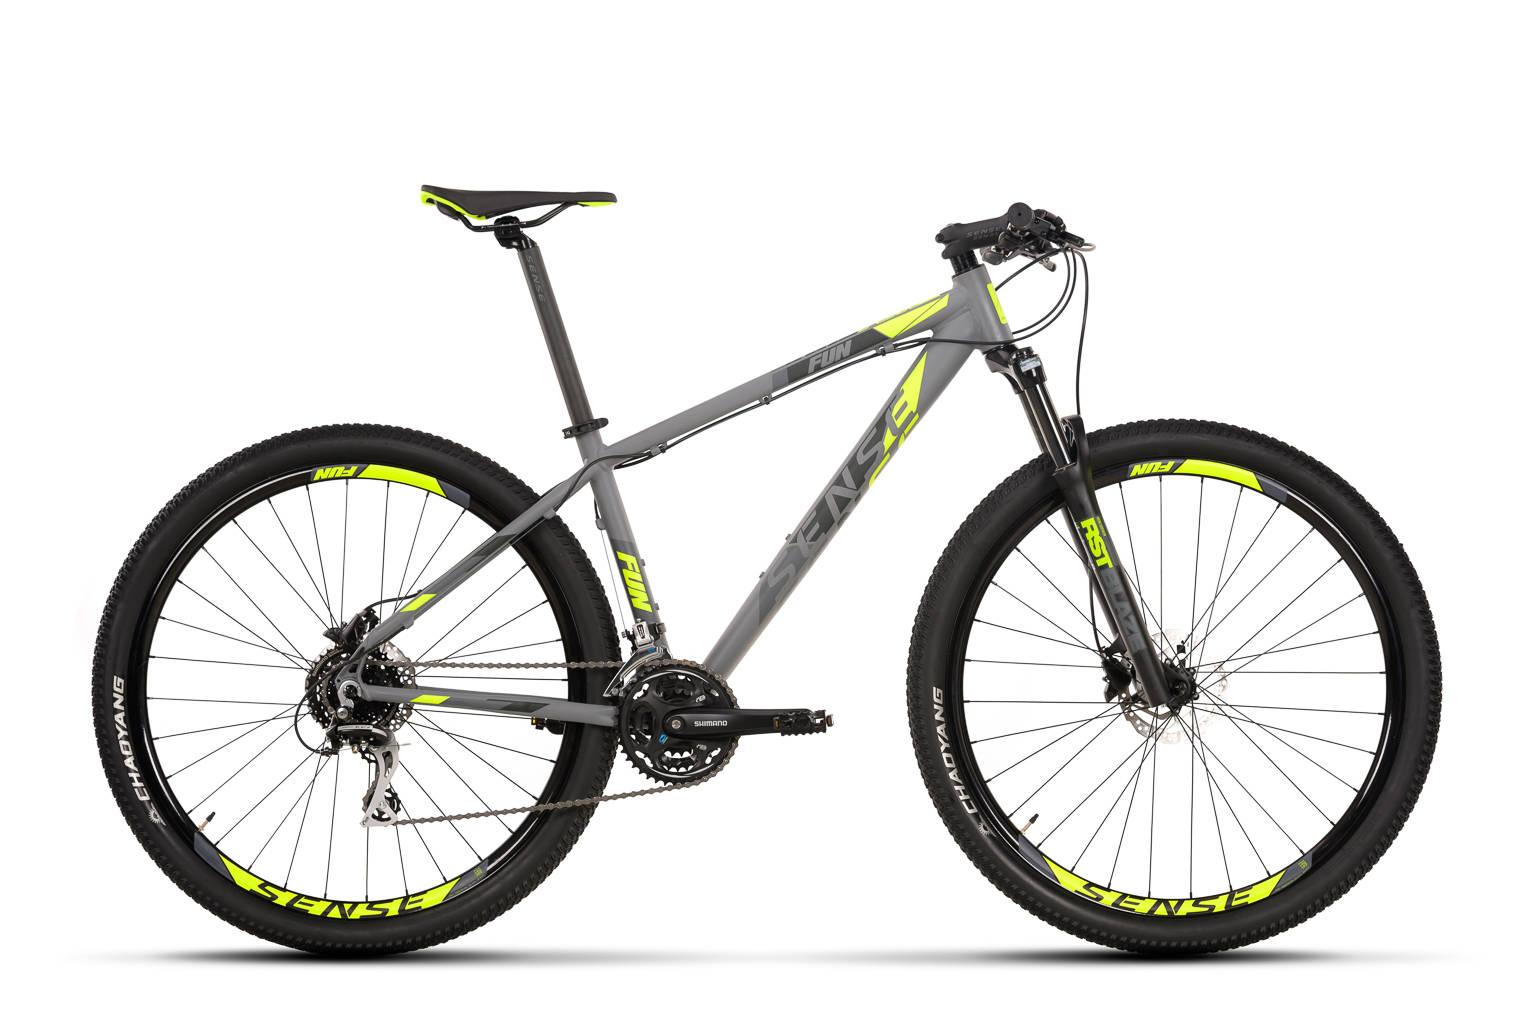 Comparativo de bicicletas MTB de entrada nacionais,  Sense Fun 2020